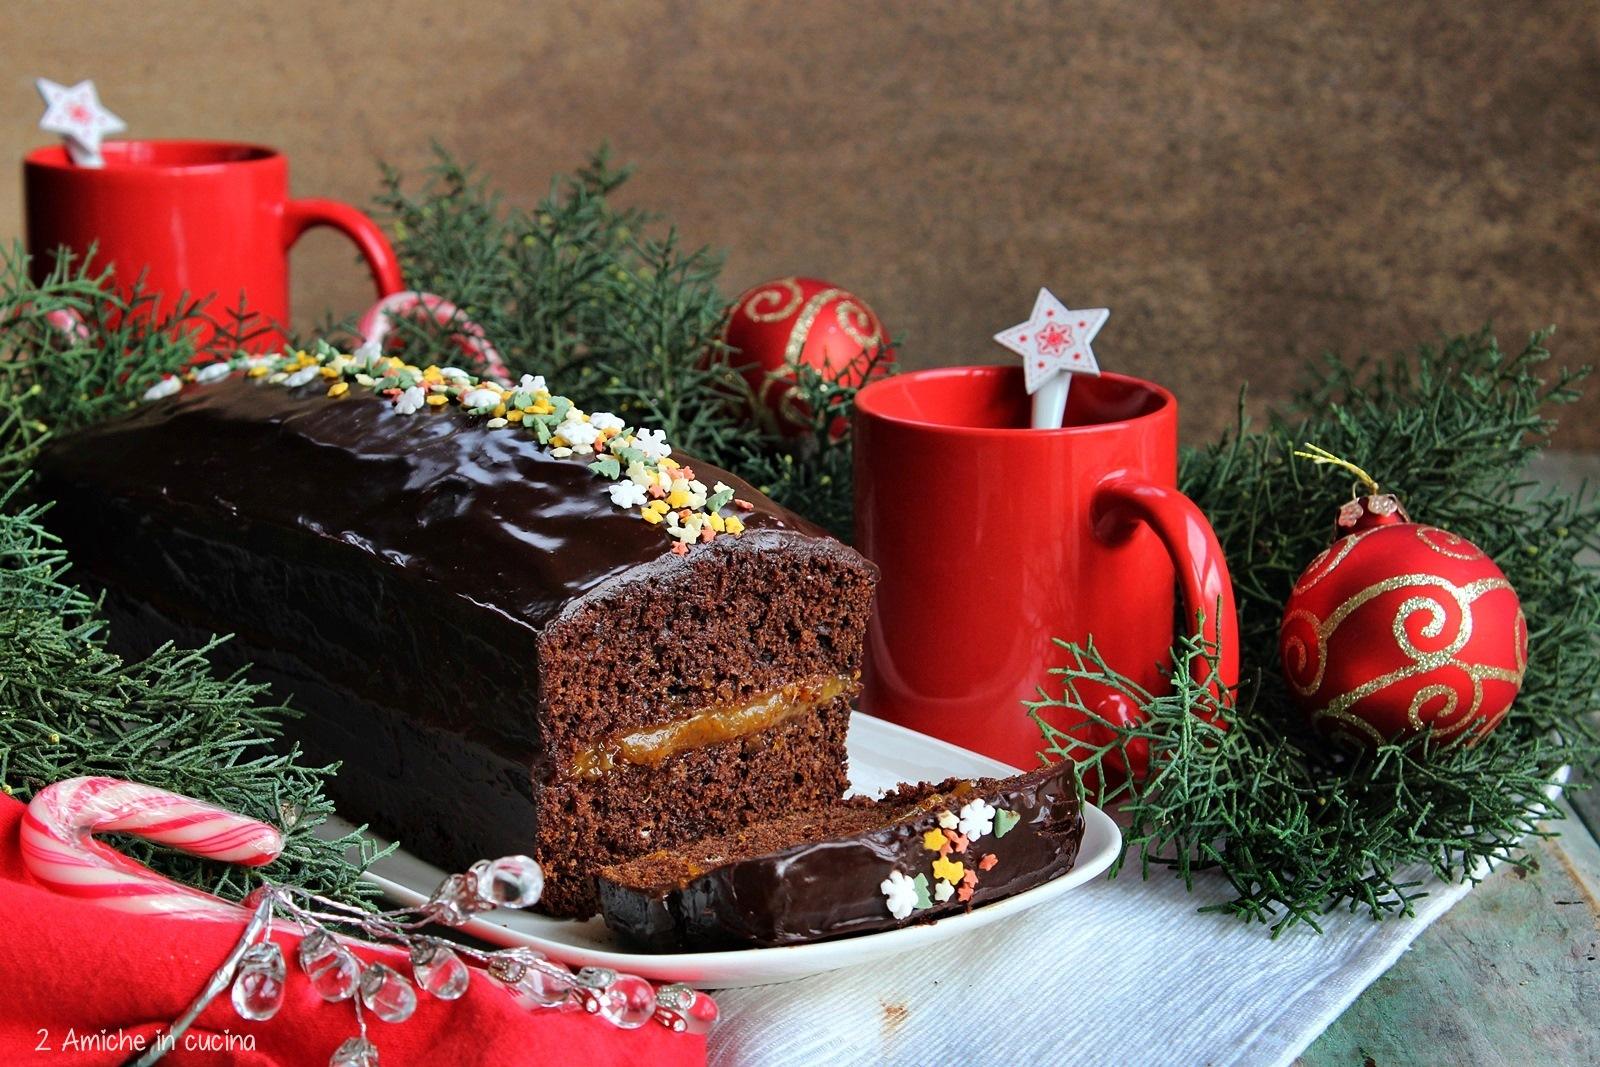 Pçiernik, dolce di natale polacco con spezie, confettura di prugne e glassa al cioccolato